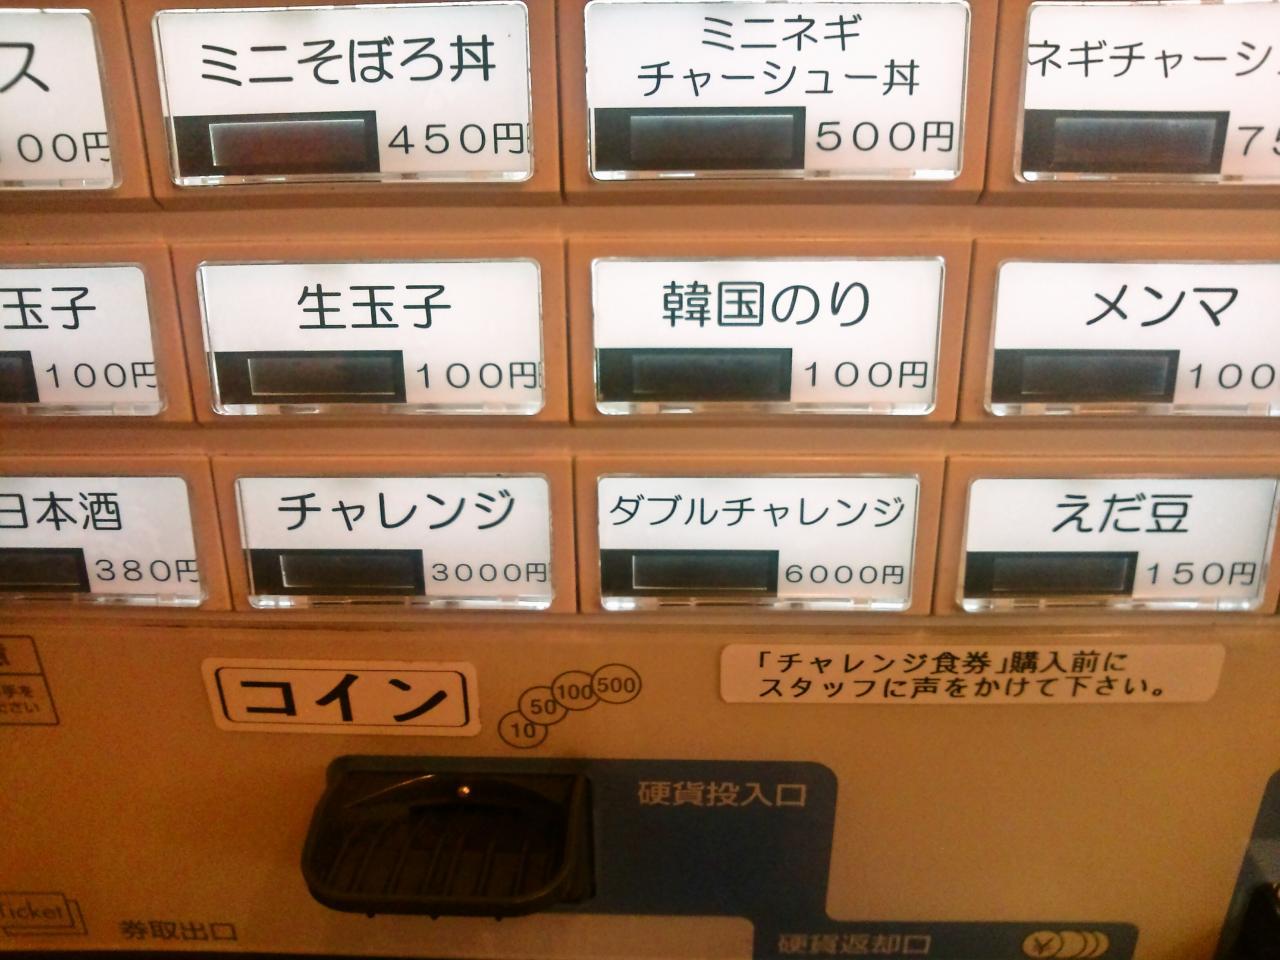 味の天徳 柿生店(店舗)